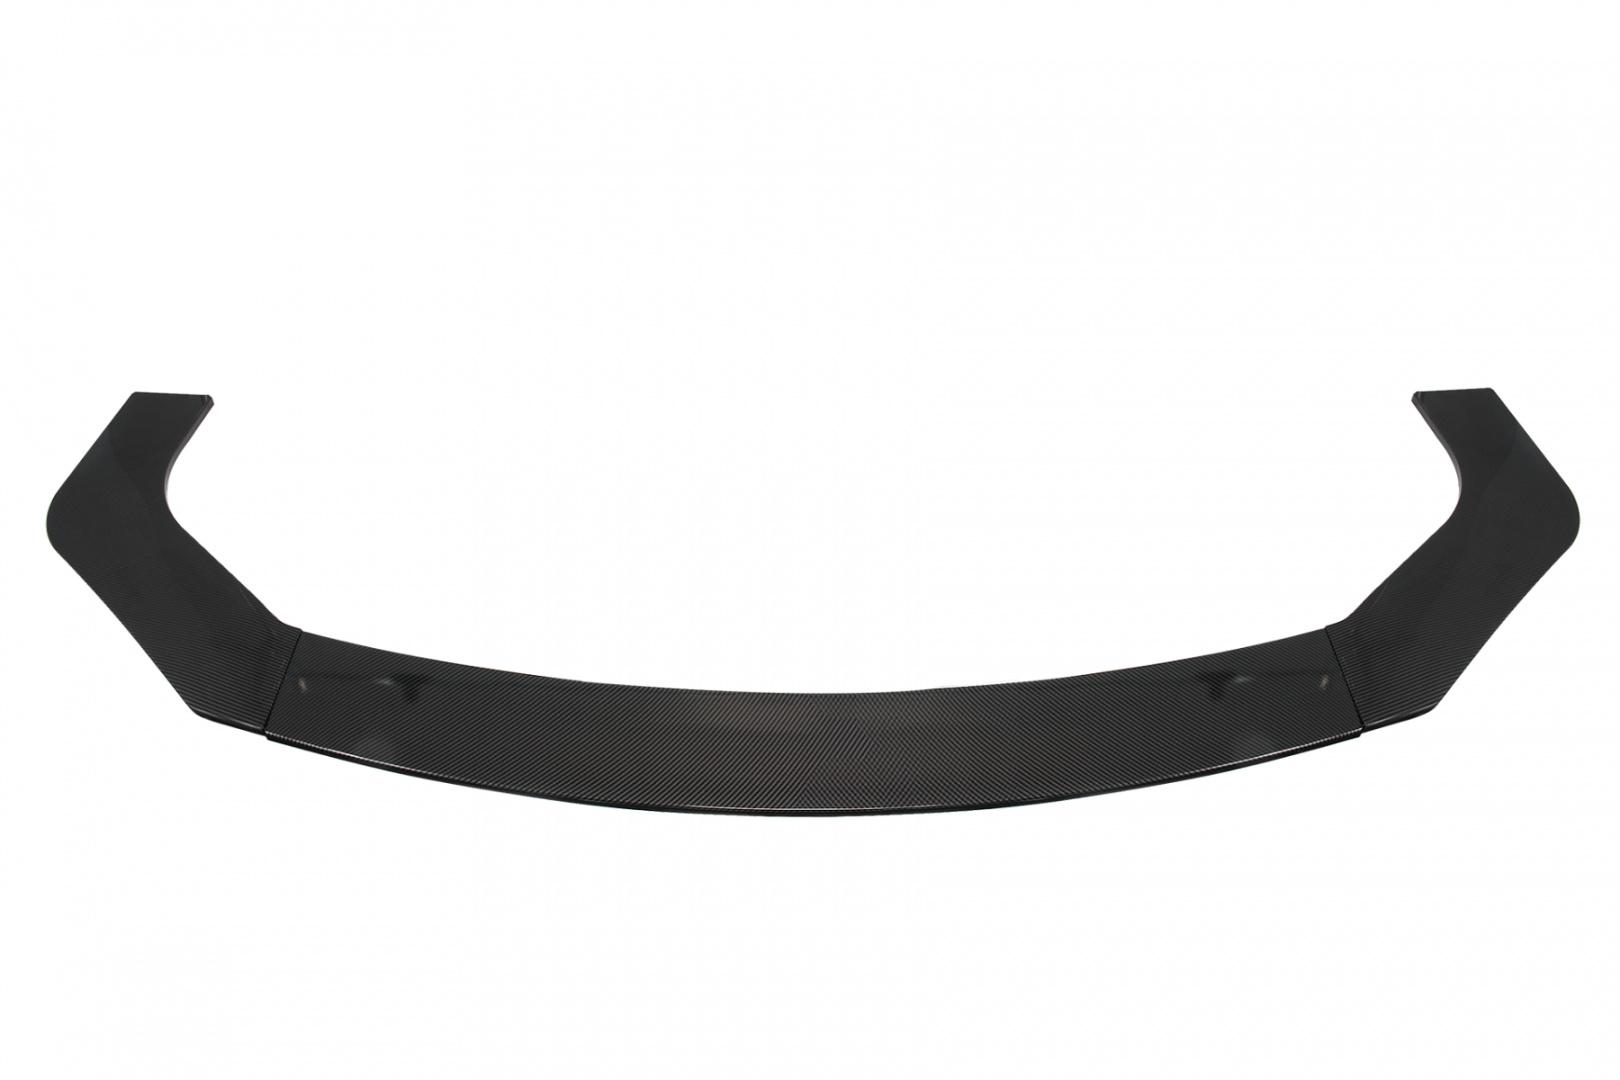 Uniwersalny splitter przedniego zderzaka 3 cz. Carbon Look - GRUBYGARAGE - Sklep Tuningowy